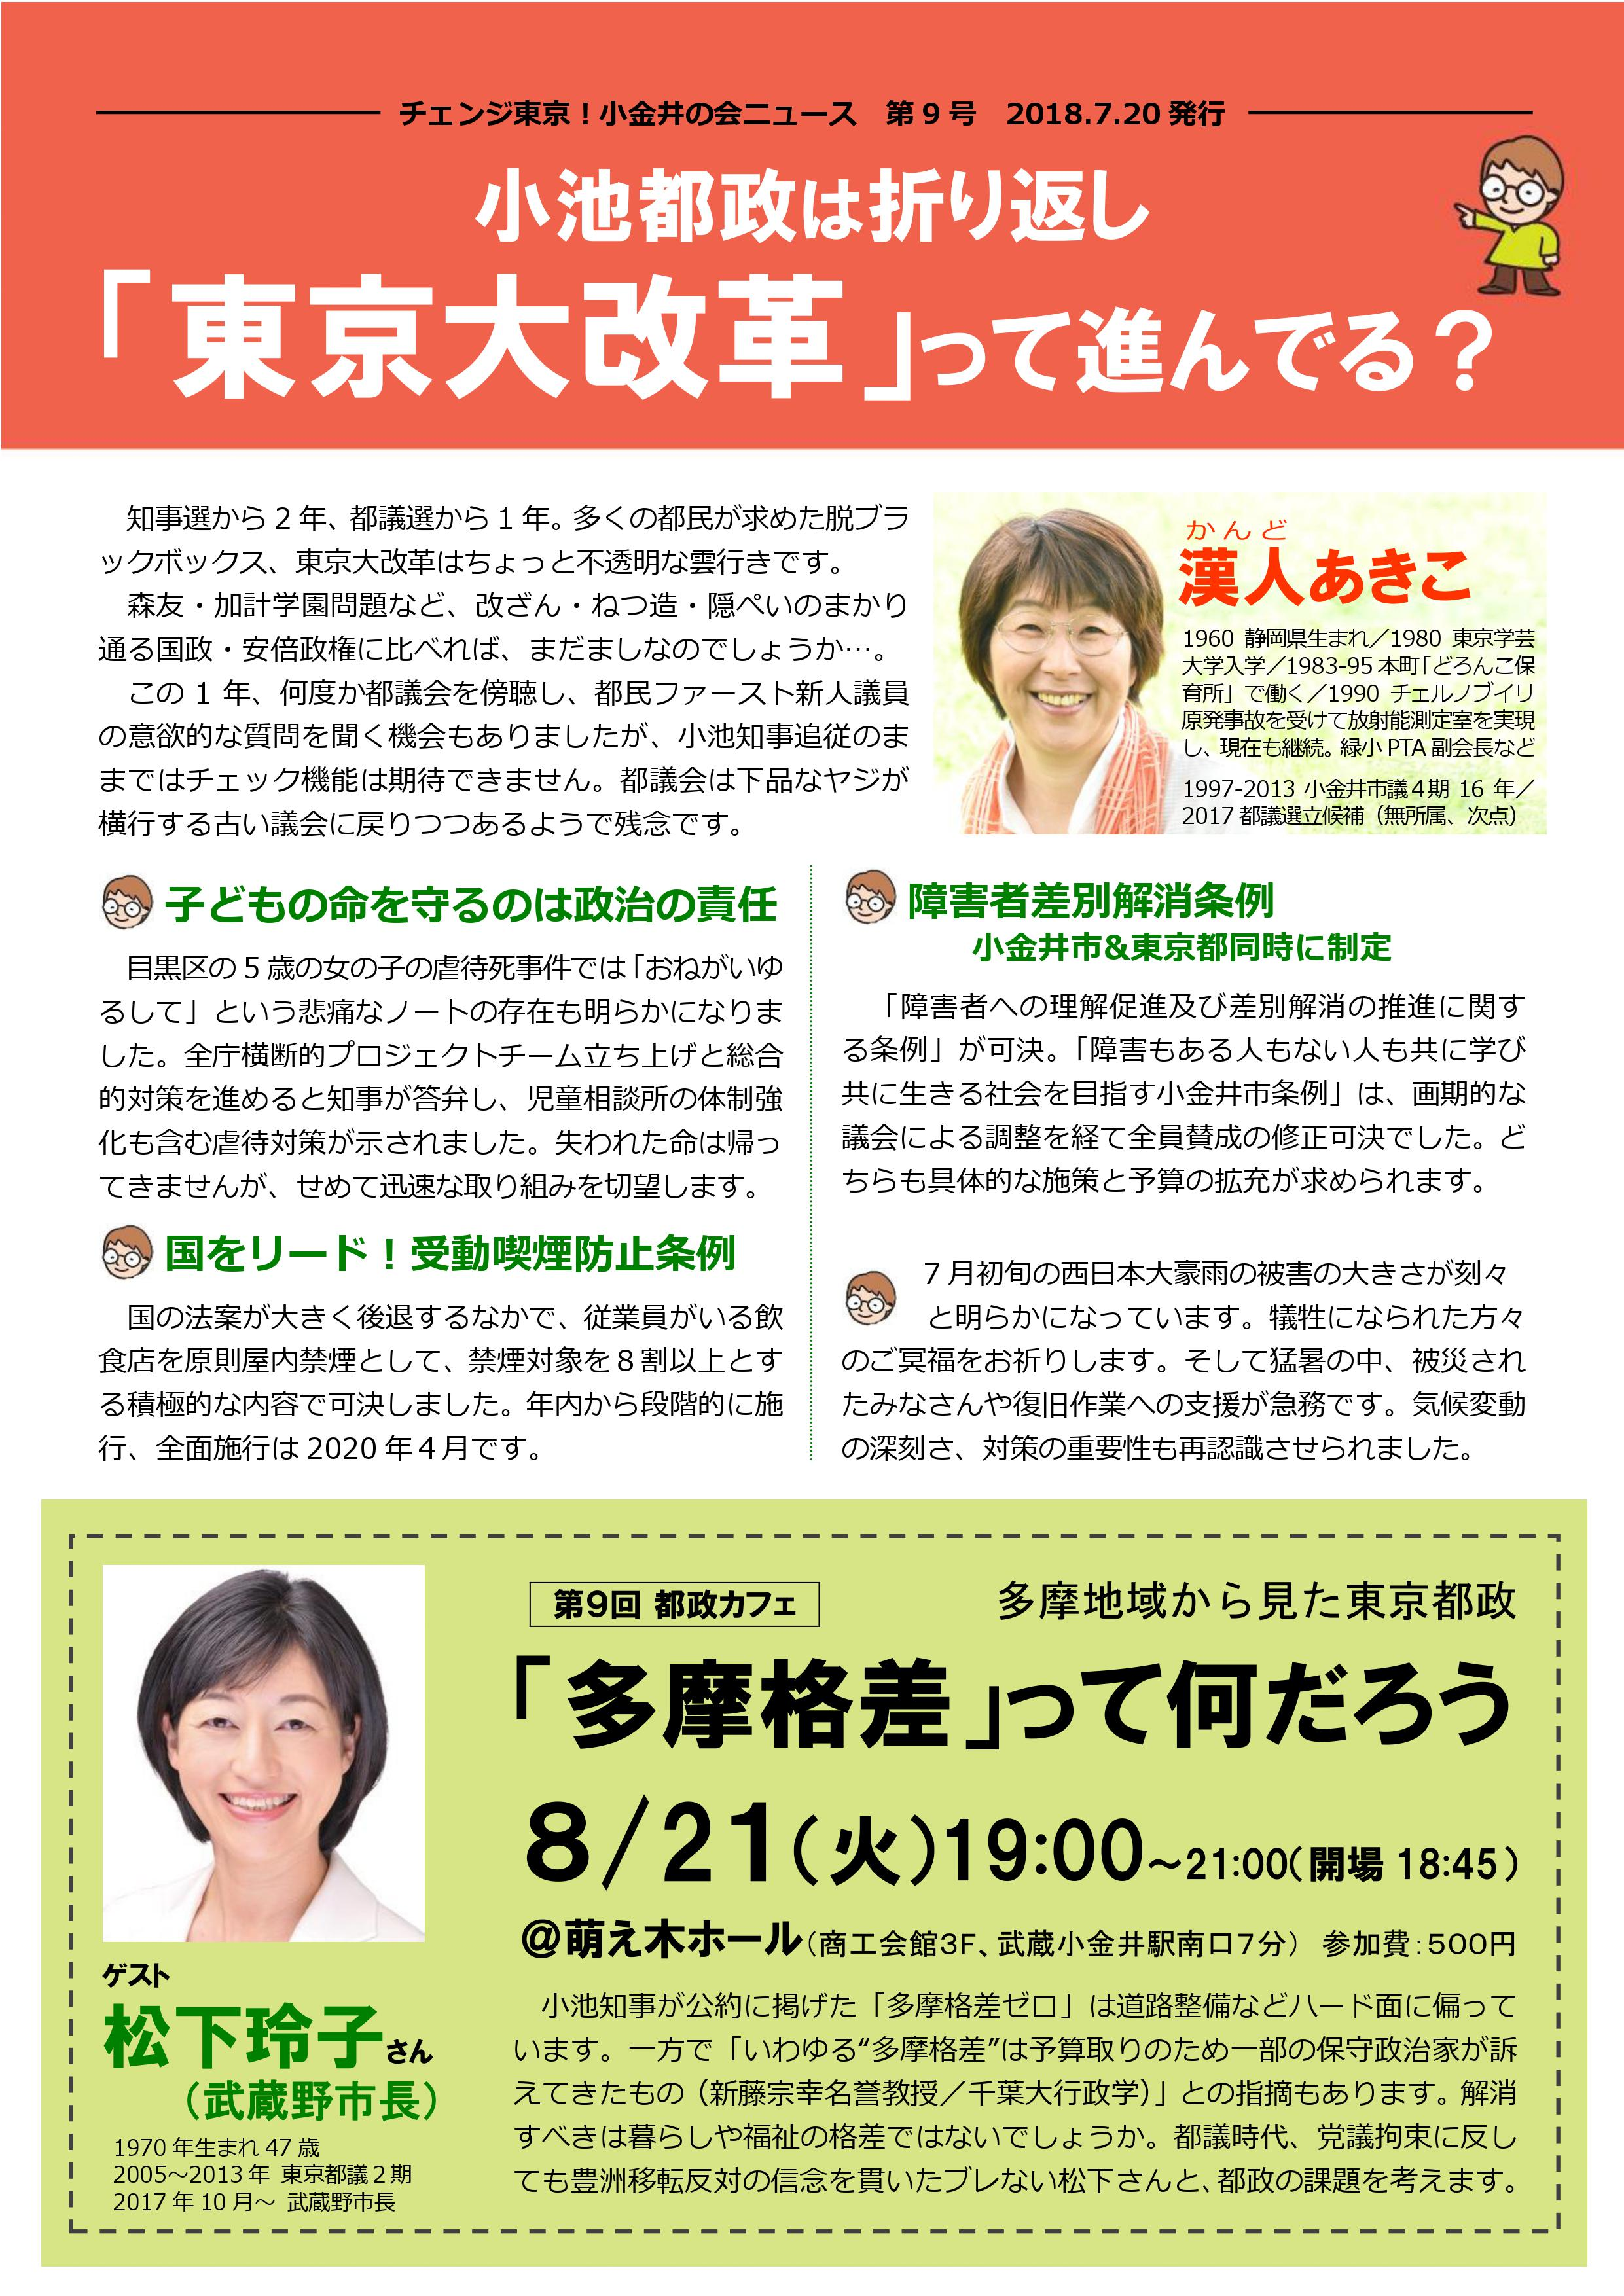 チェンジ東京!小金井の会ニュース 9号-表